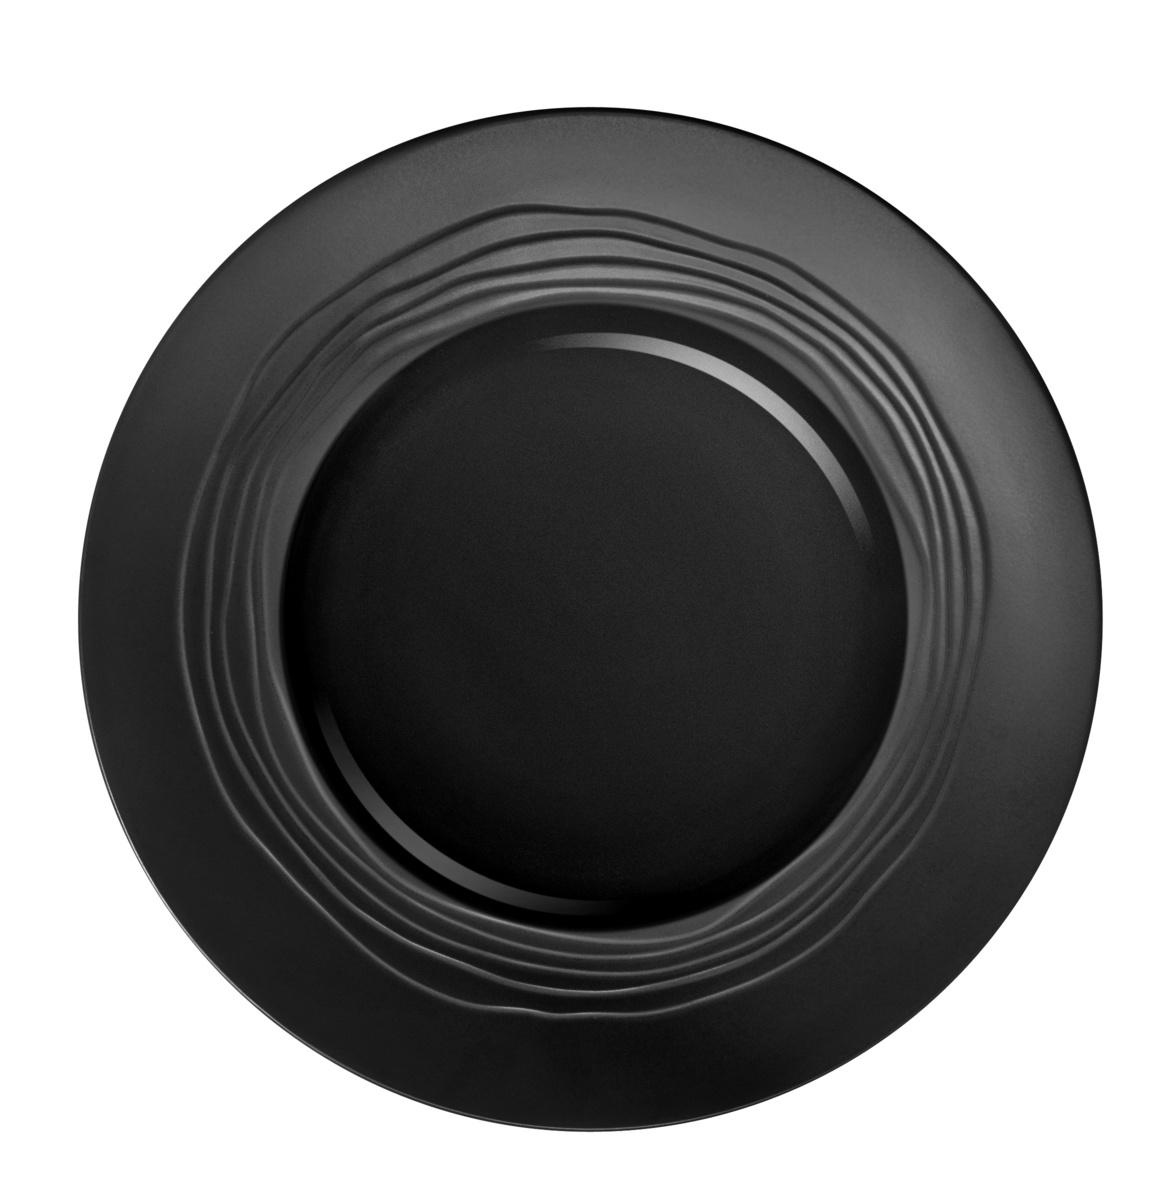 Assiette plate ronde noire grès Ø 27,50 cm Escale Medard De Noblat